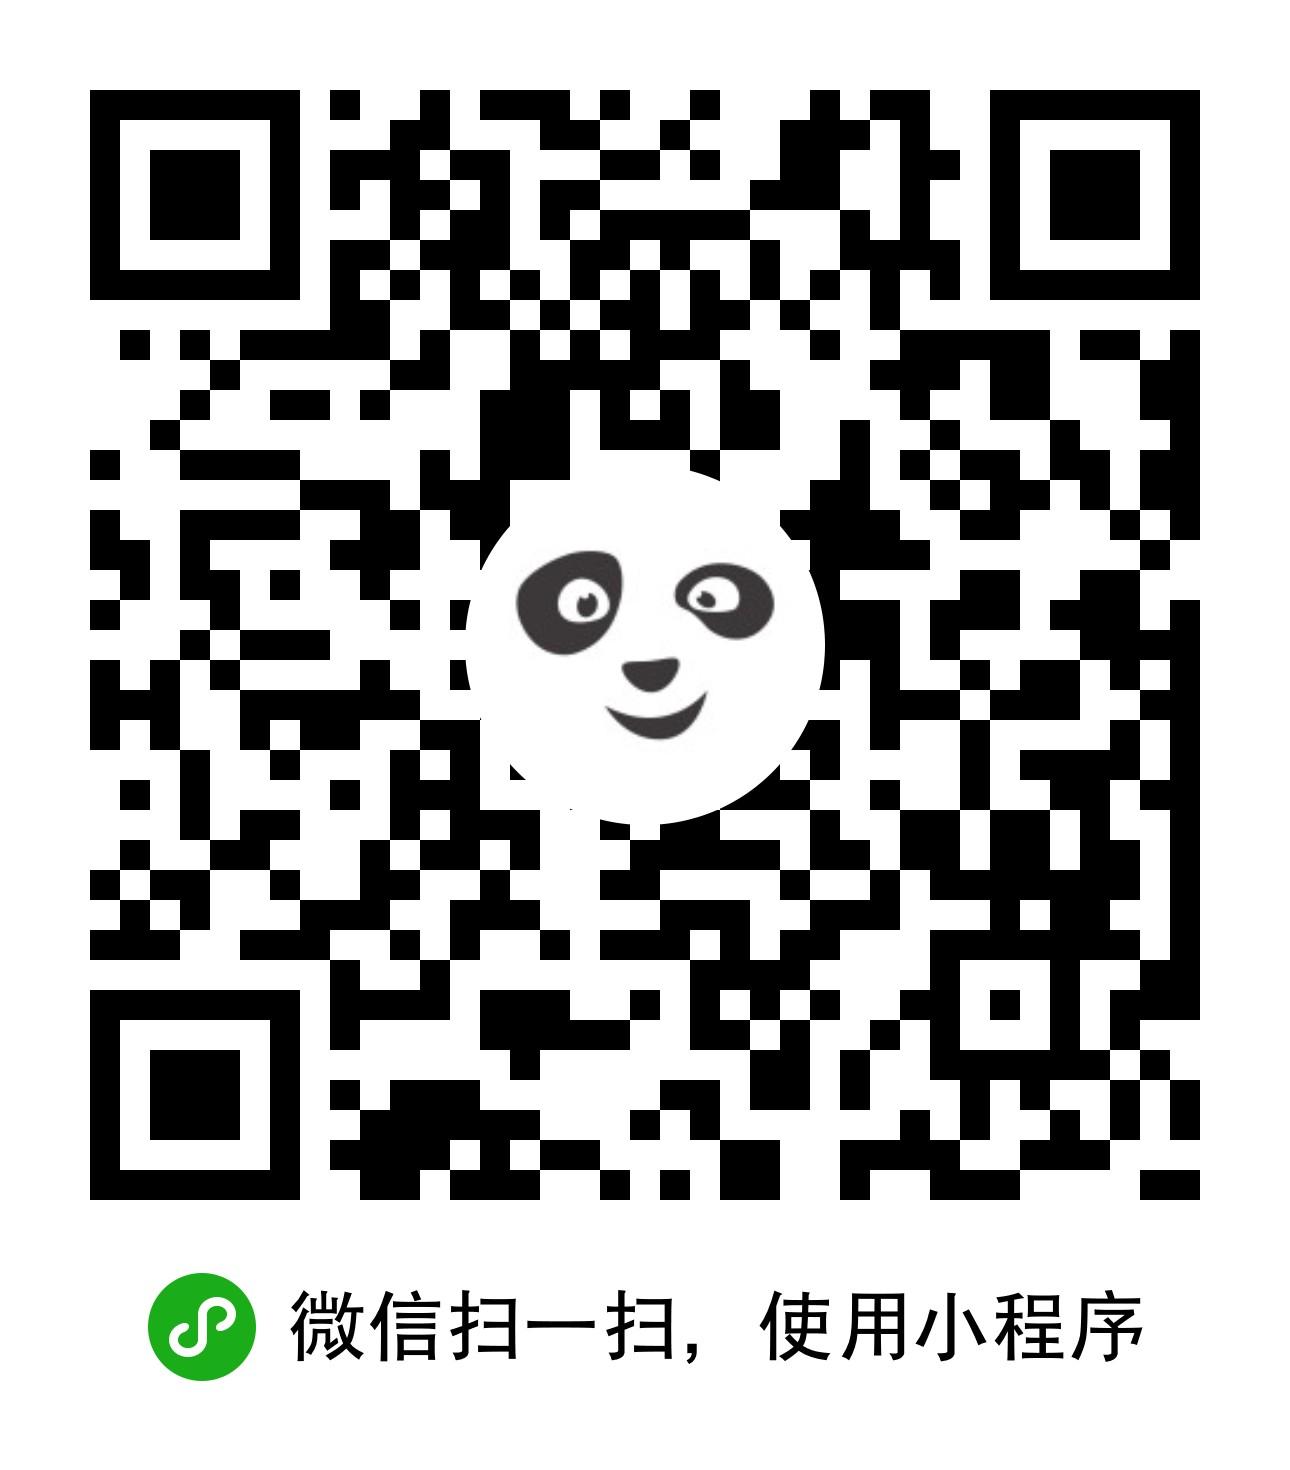 熊猫签证-小程序二维码